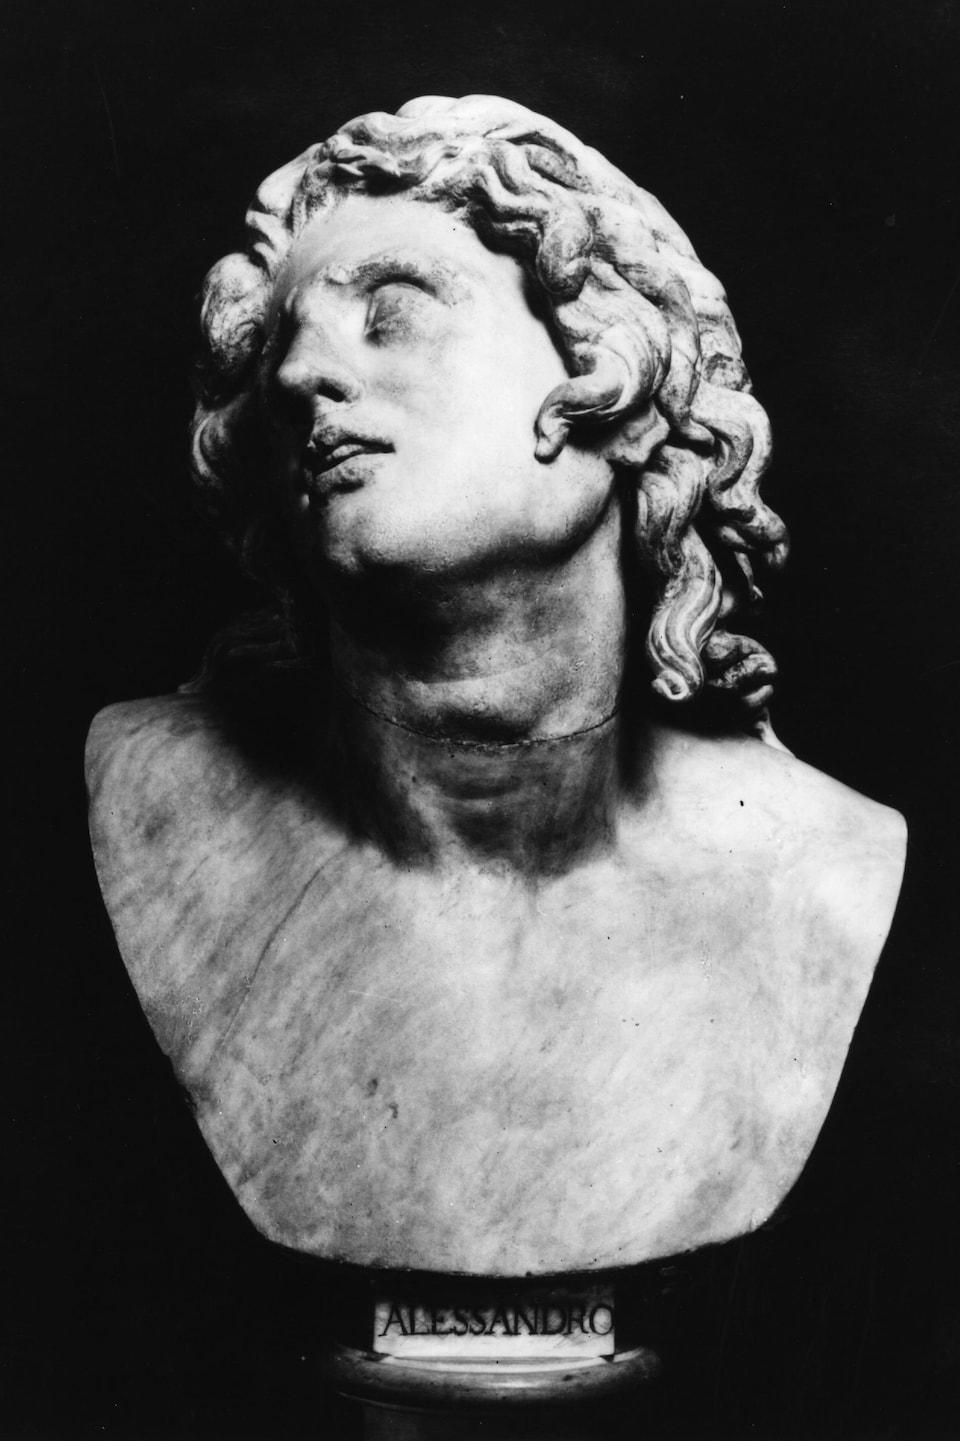 Buste d'Alexandre le Grand portant le nom « Alessandro » au bas.